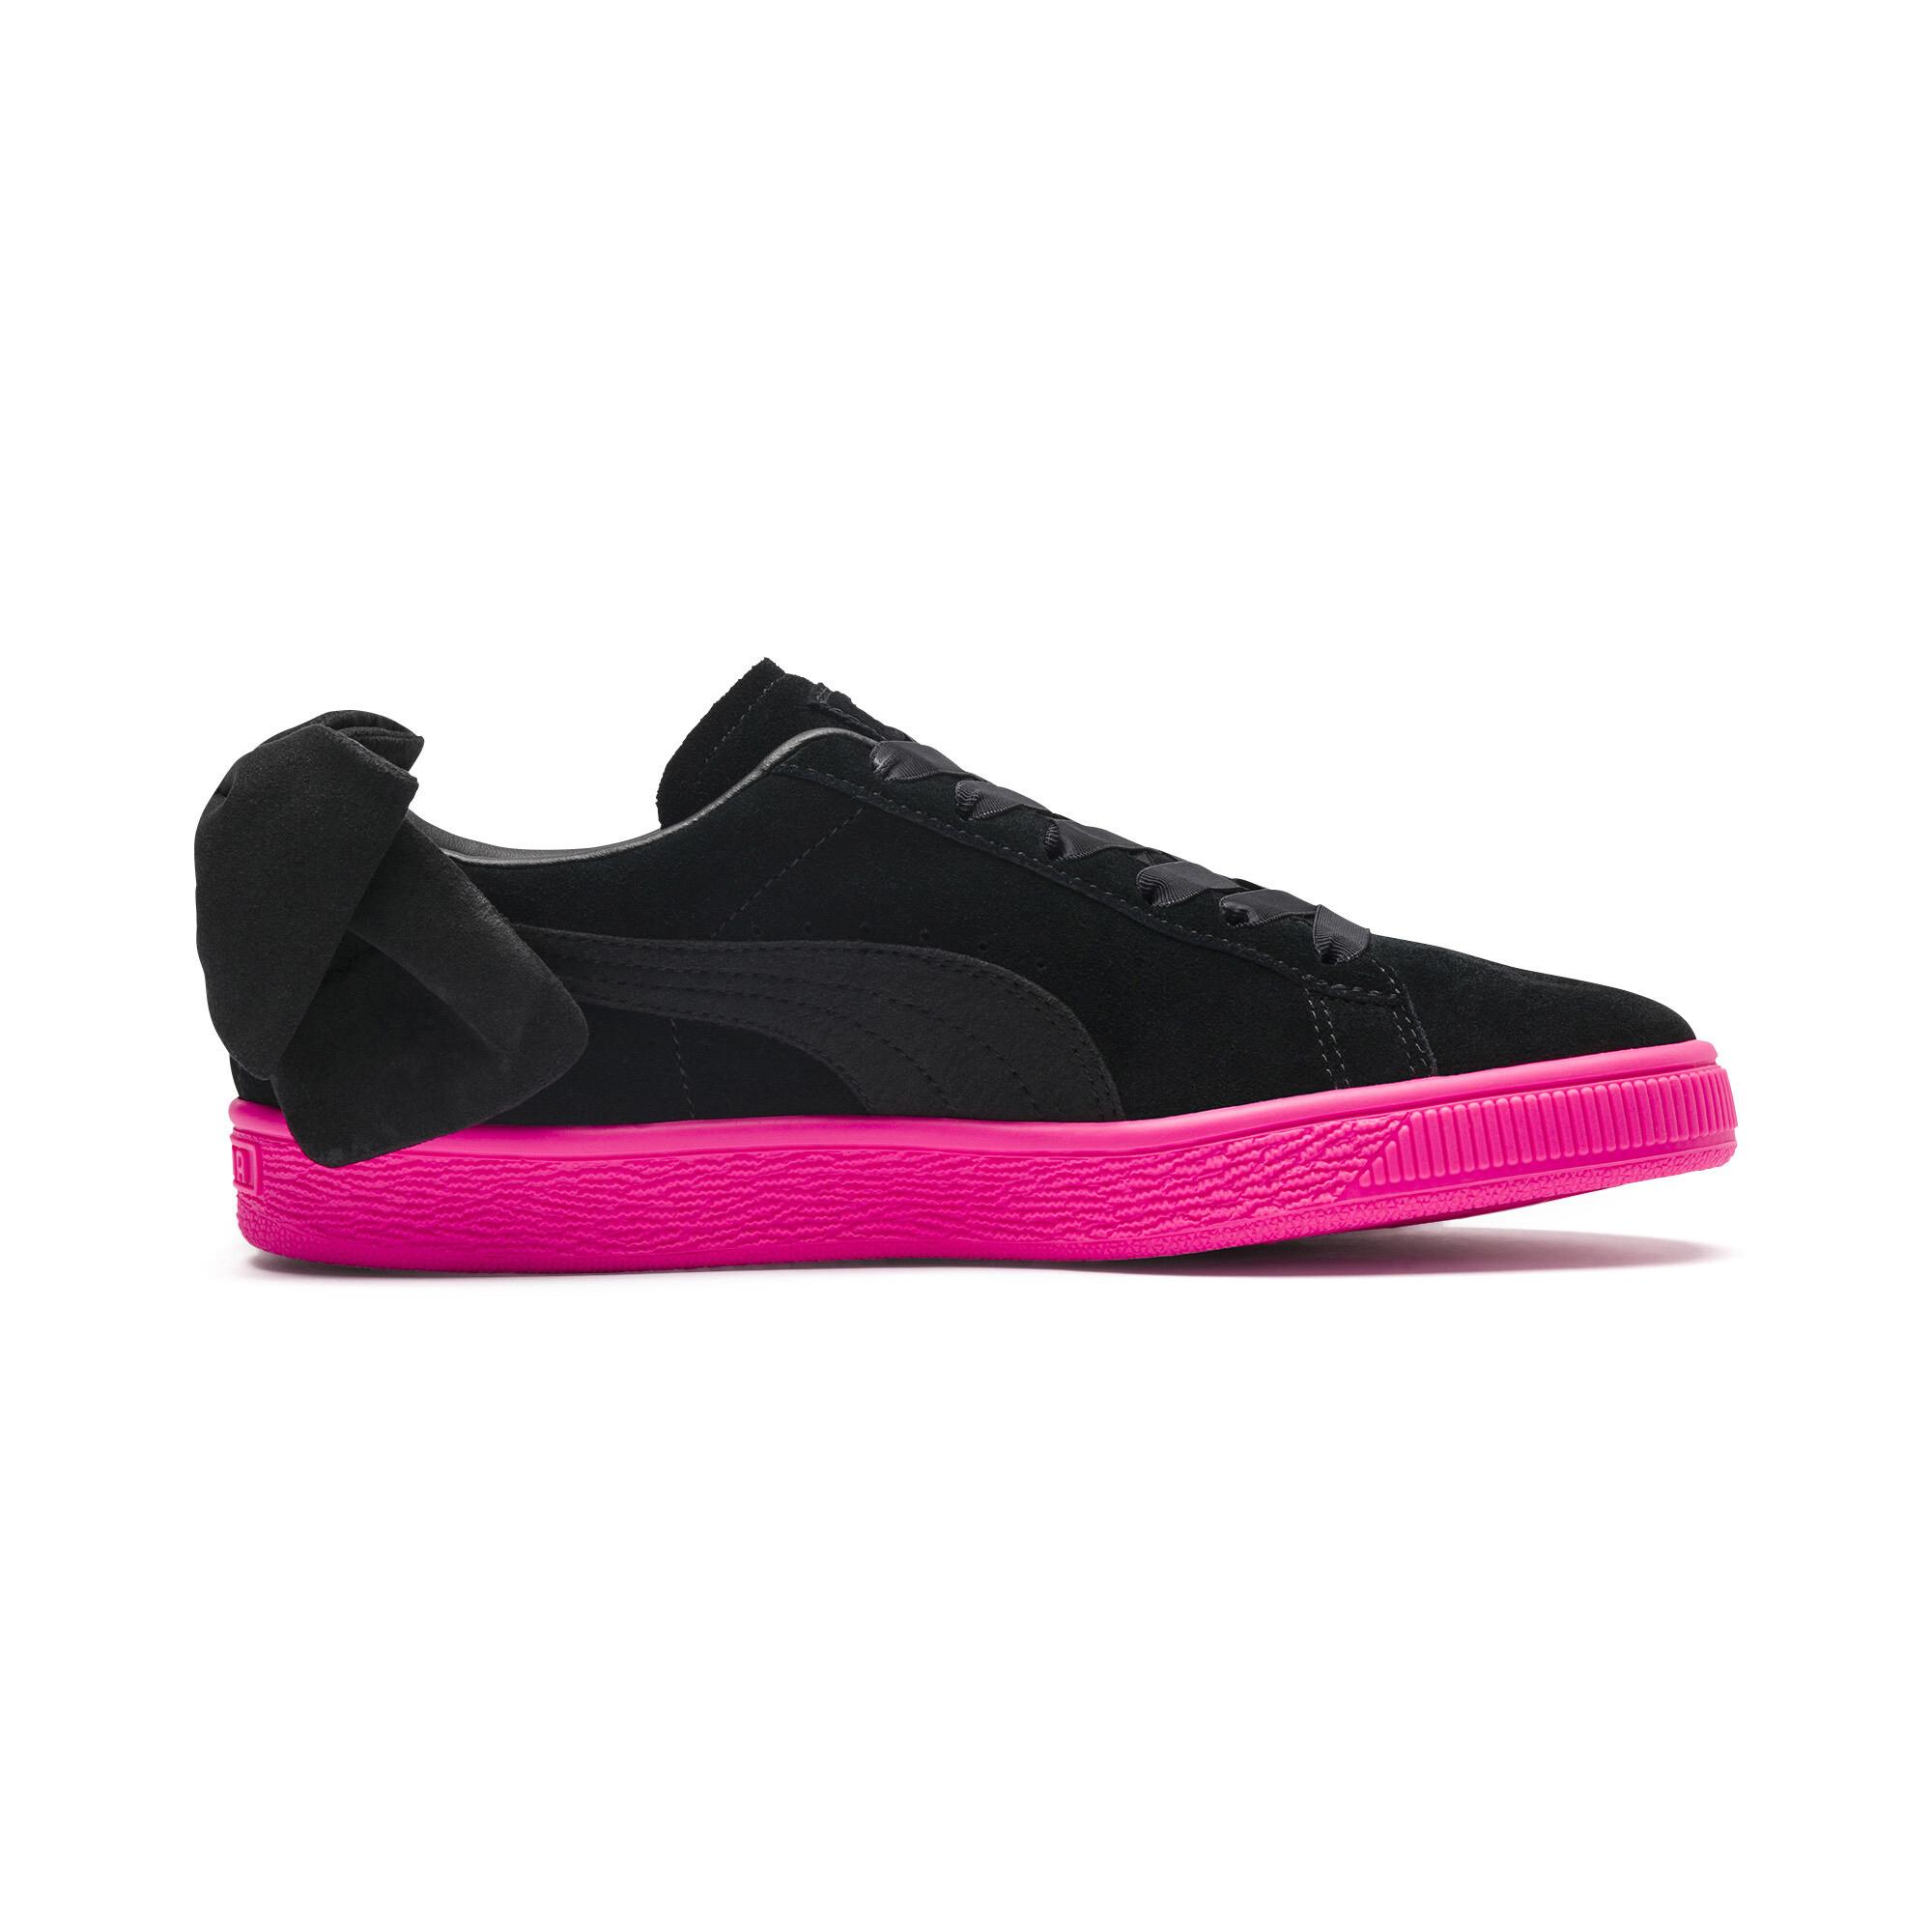 PUMA-Suede-Bow-Block-Damen-Sneaker-Frauen-Schuhe-Sport-Classics-Neu Indexbild 6